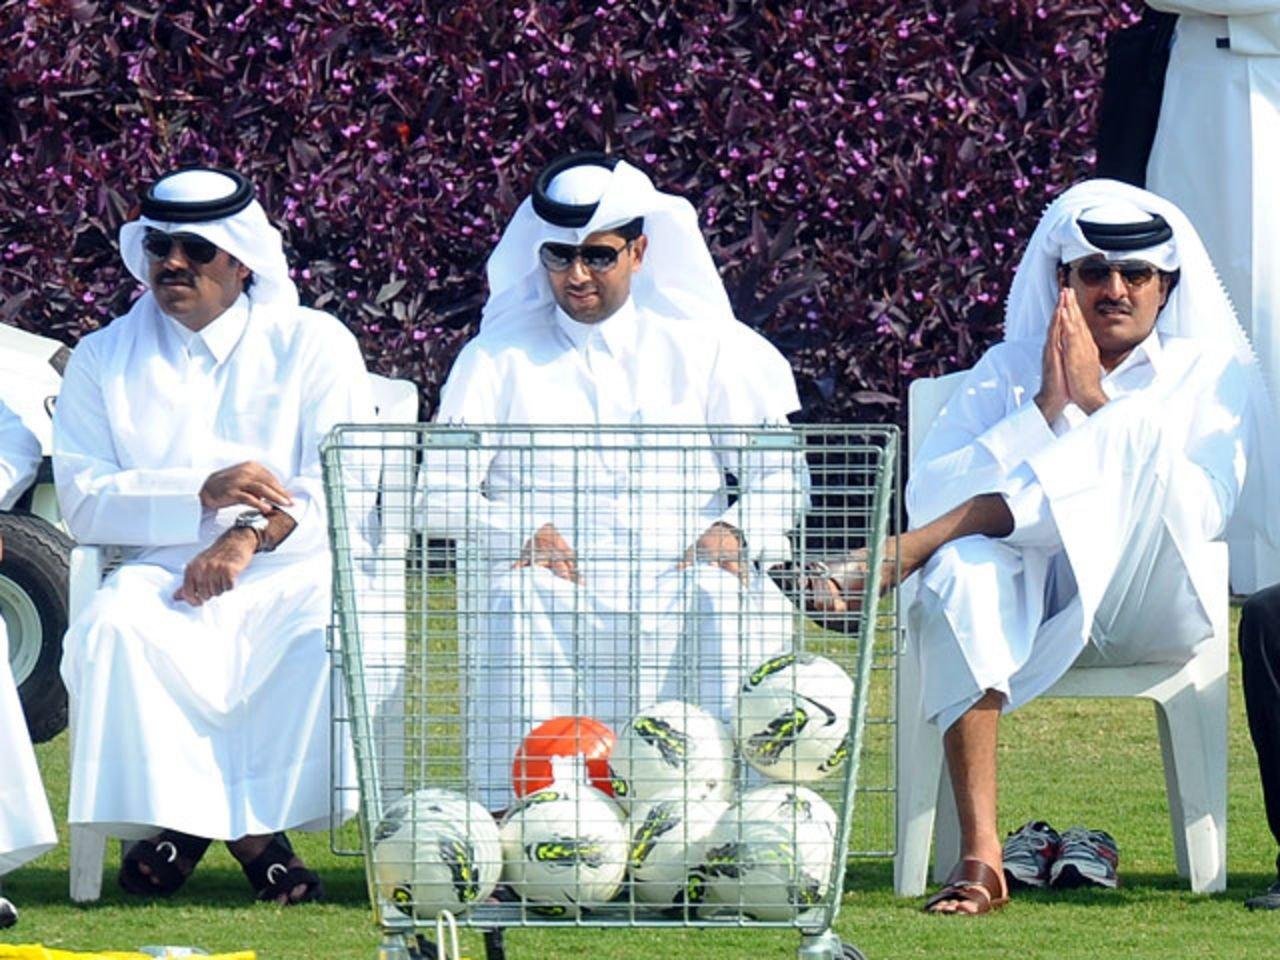 Saudity i shejhi v futbole kluby dengi transfery vliyanie